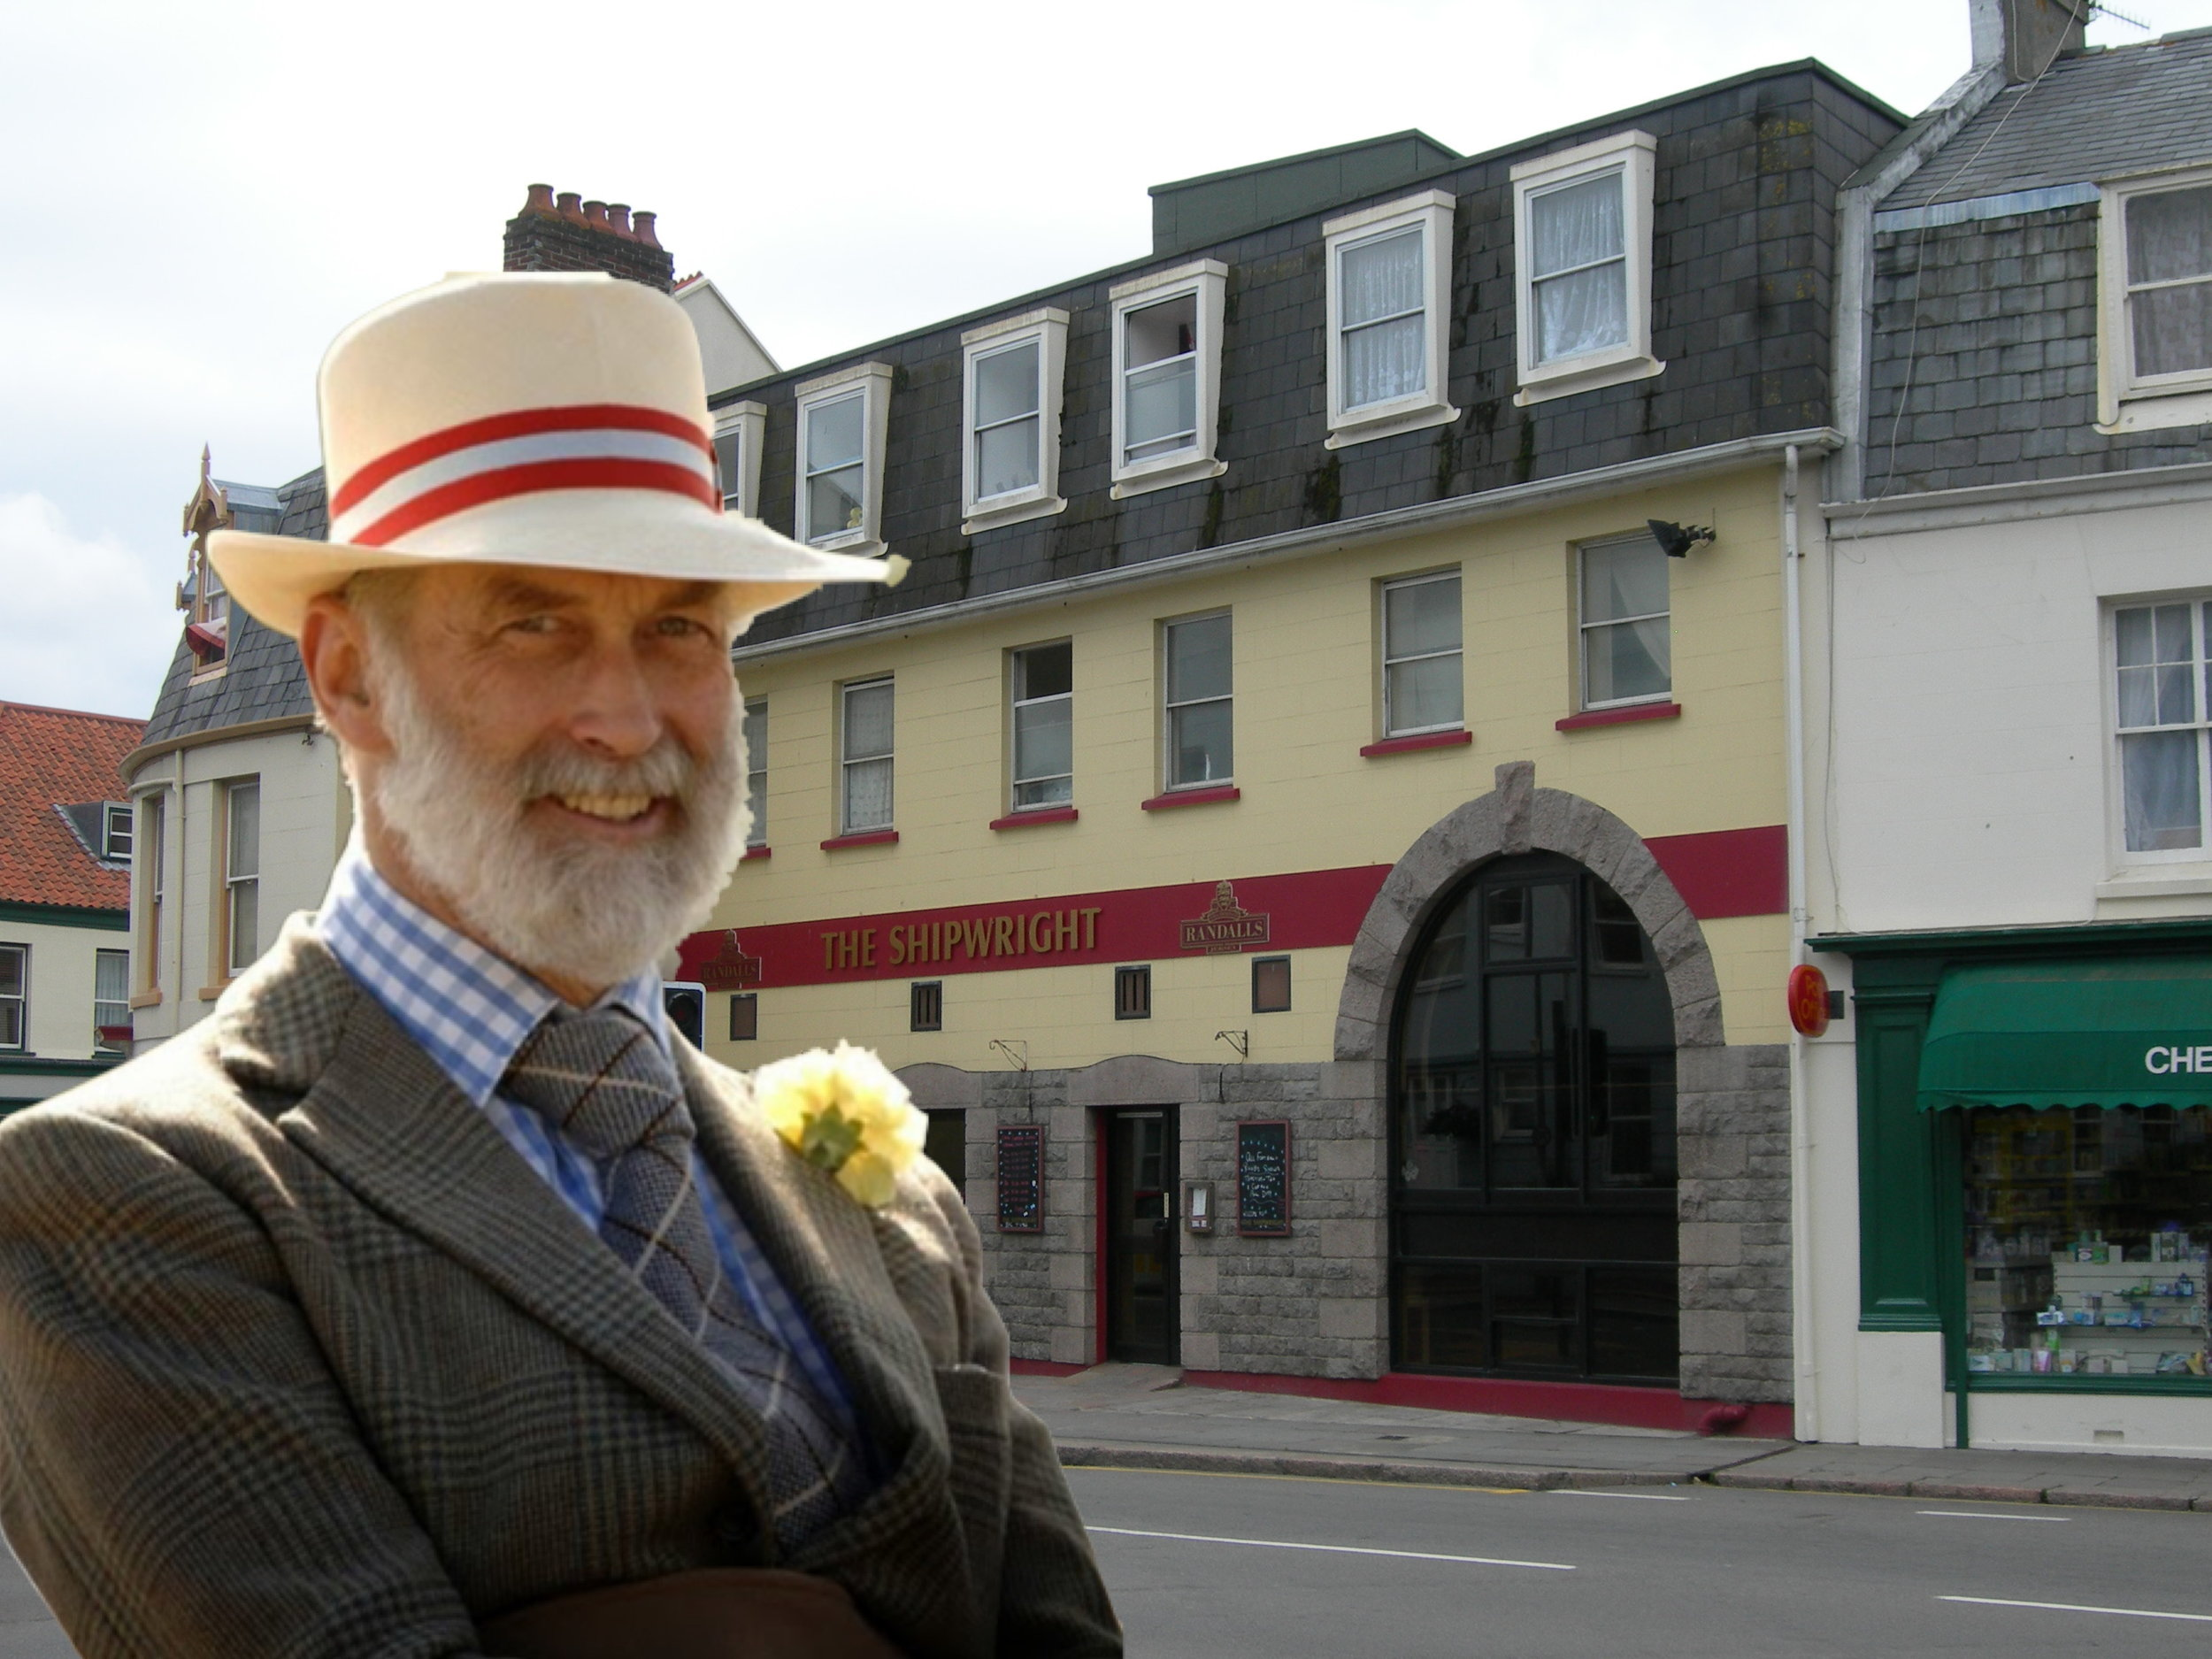 'Flagellate' laughed Mr Barking-Popham